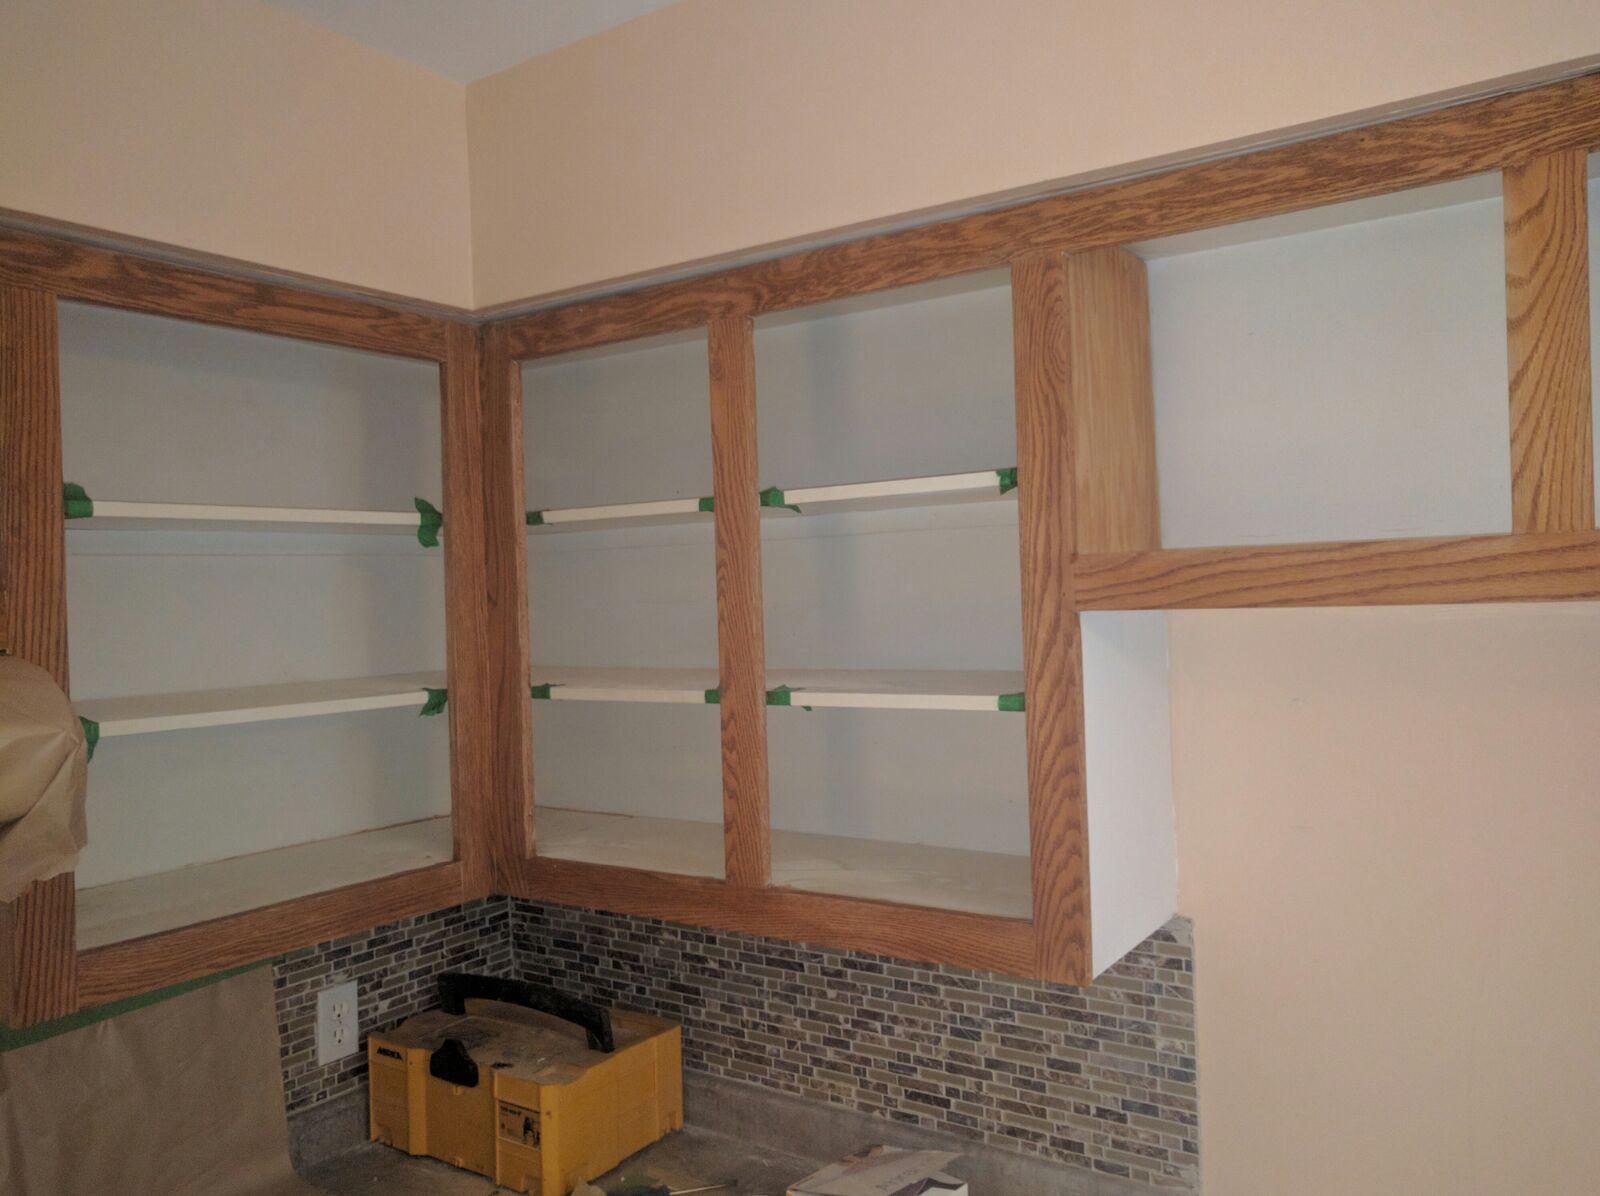 armoires de cuisine en ch ne nous les remettons a neuf r nover sa cuisine. Black Bedroom Furniture Sets. Home Design Ideas